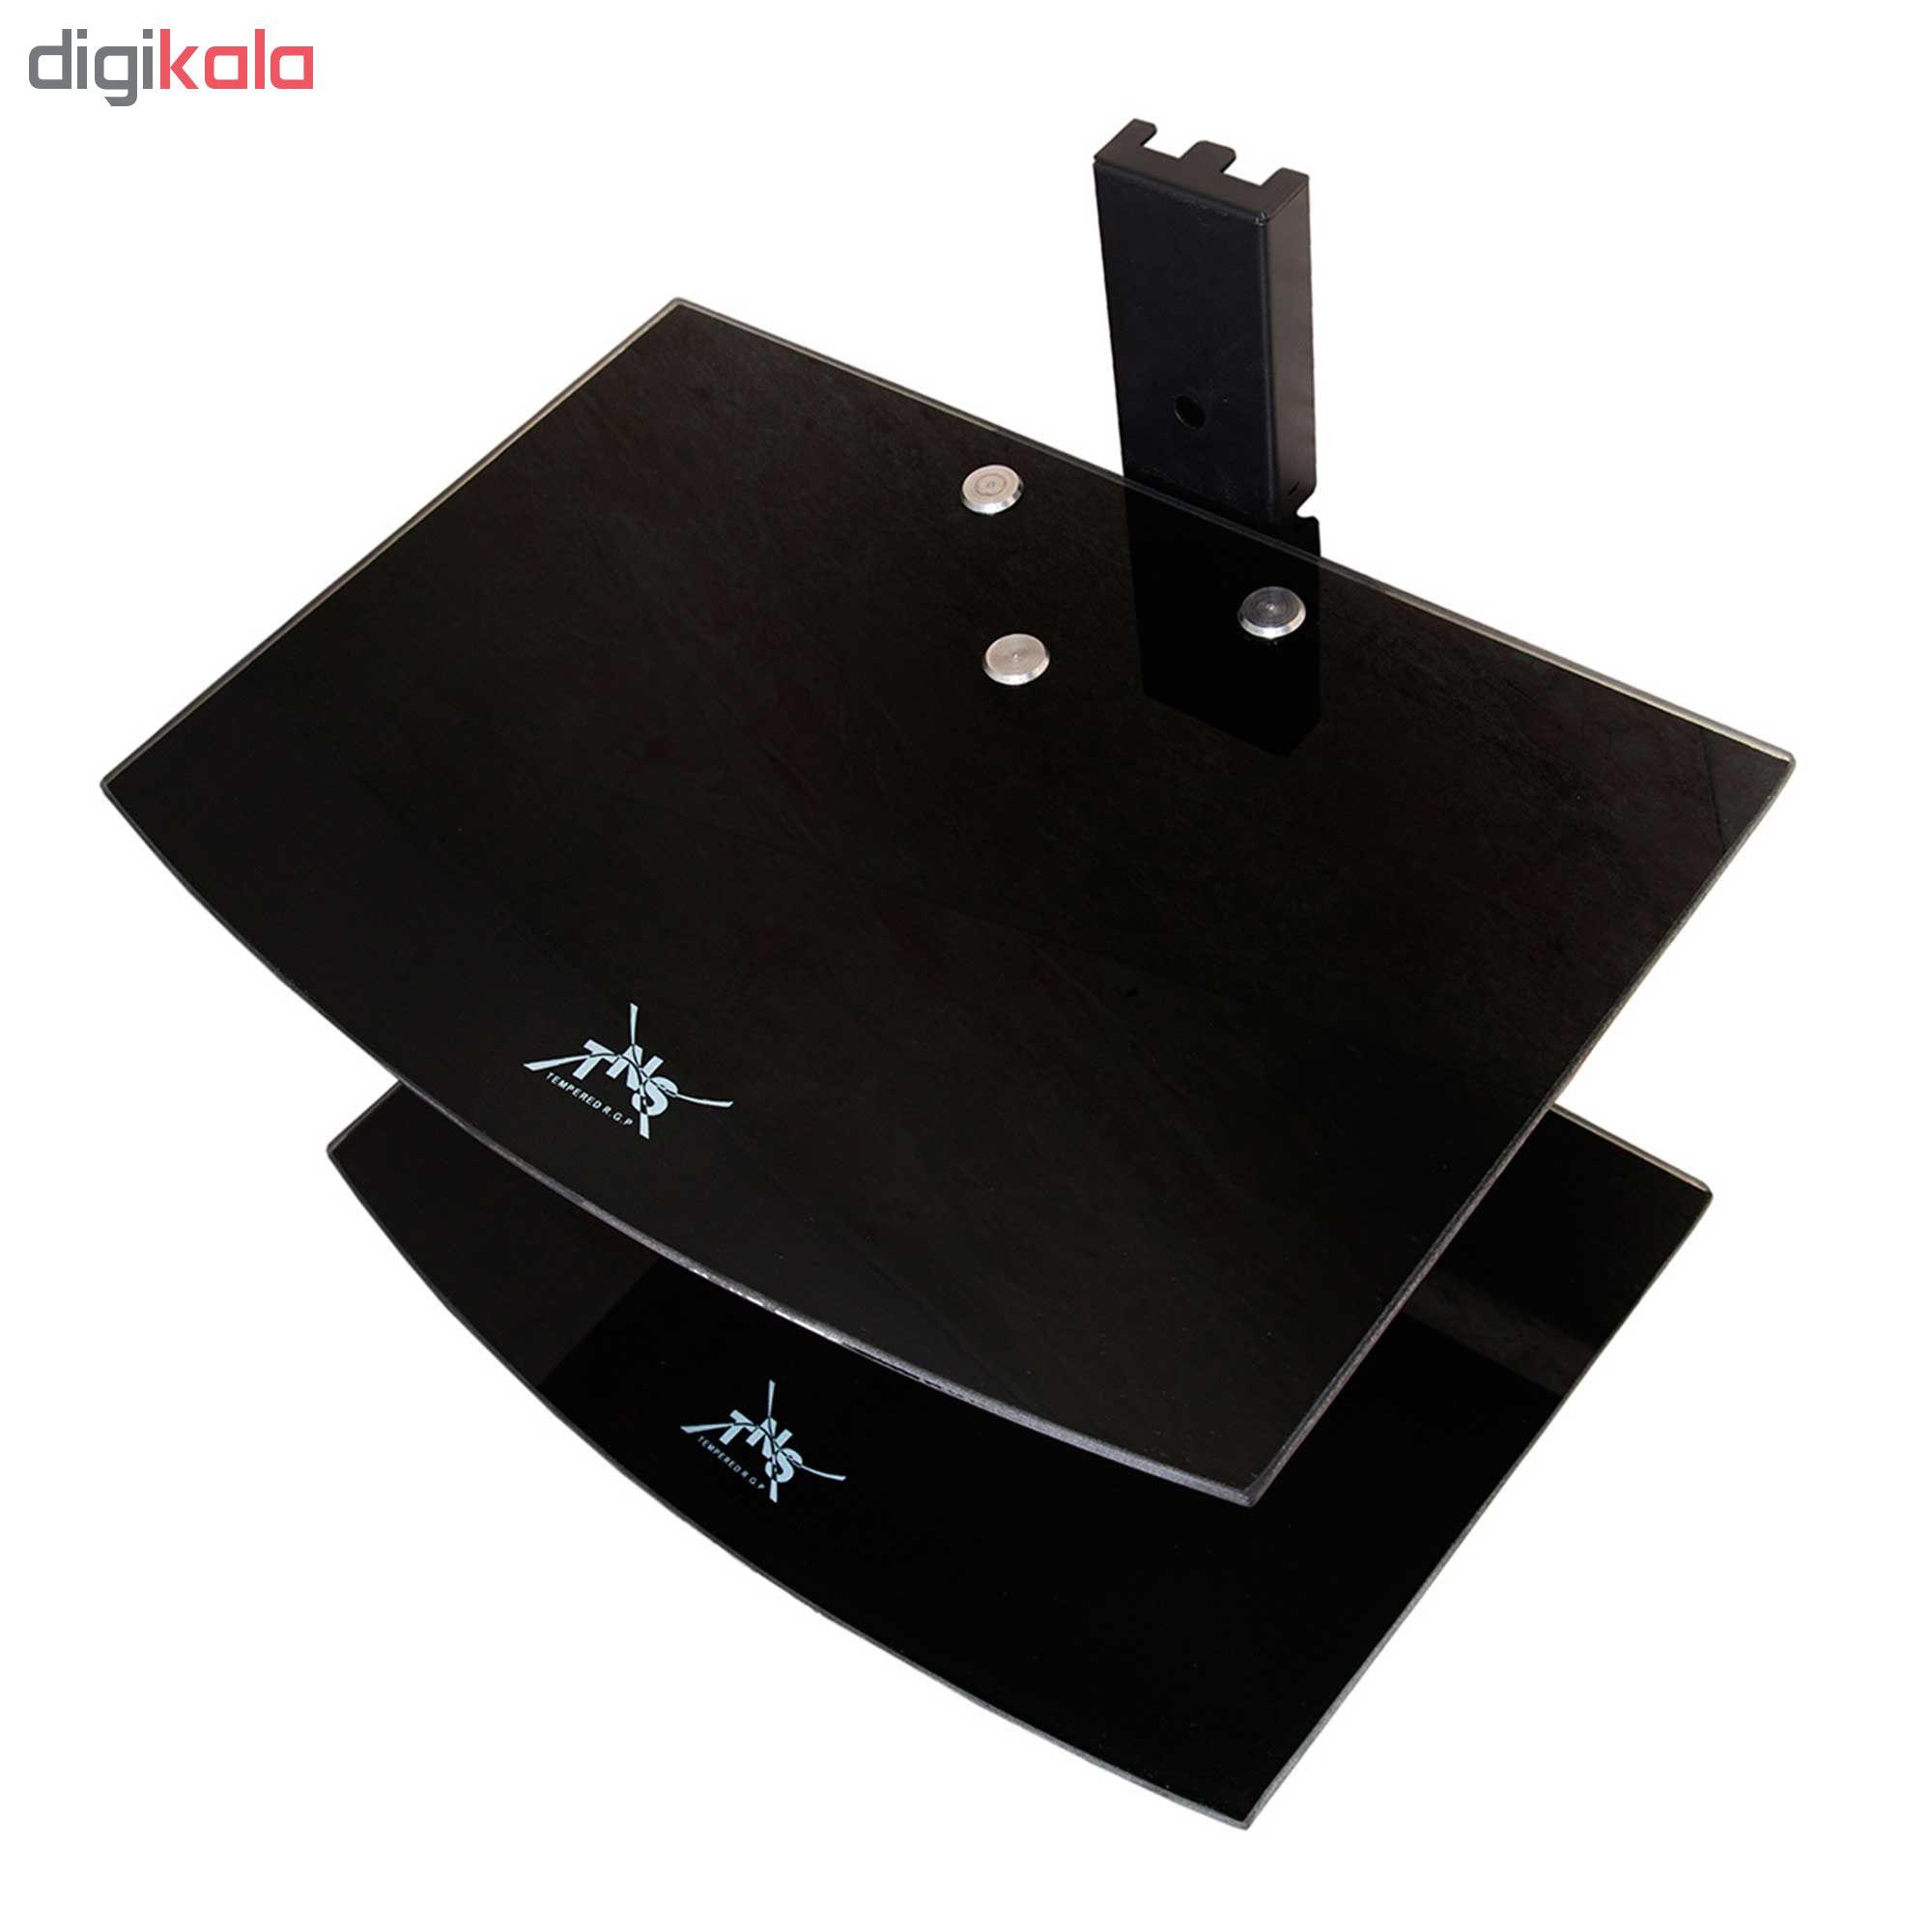 میز دیواری تی ان اس مدل TT WF 10  مناسب برای دستگاه های چند رسانه ای